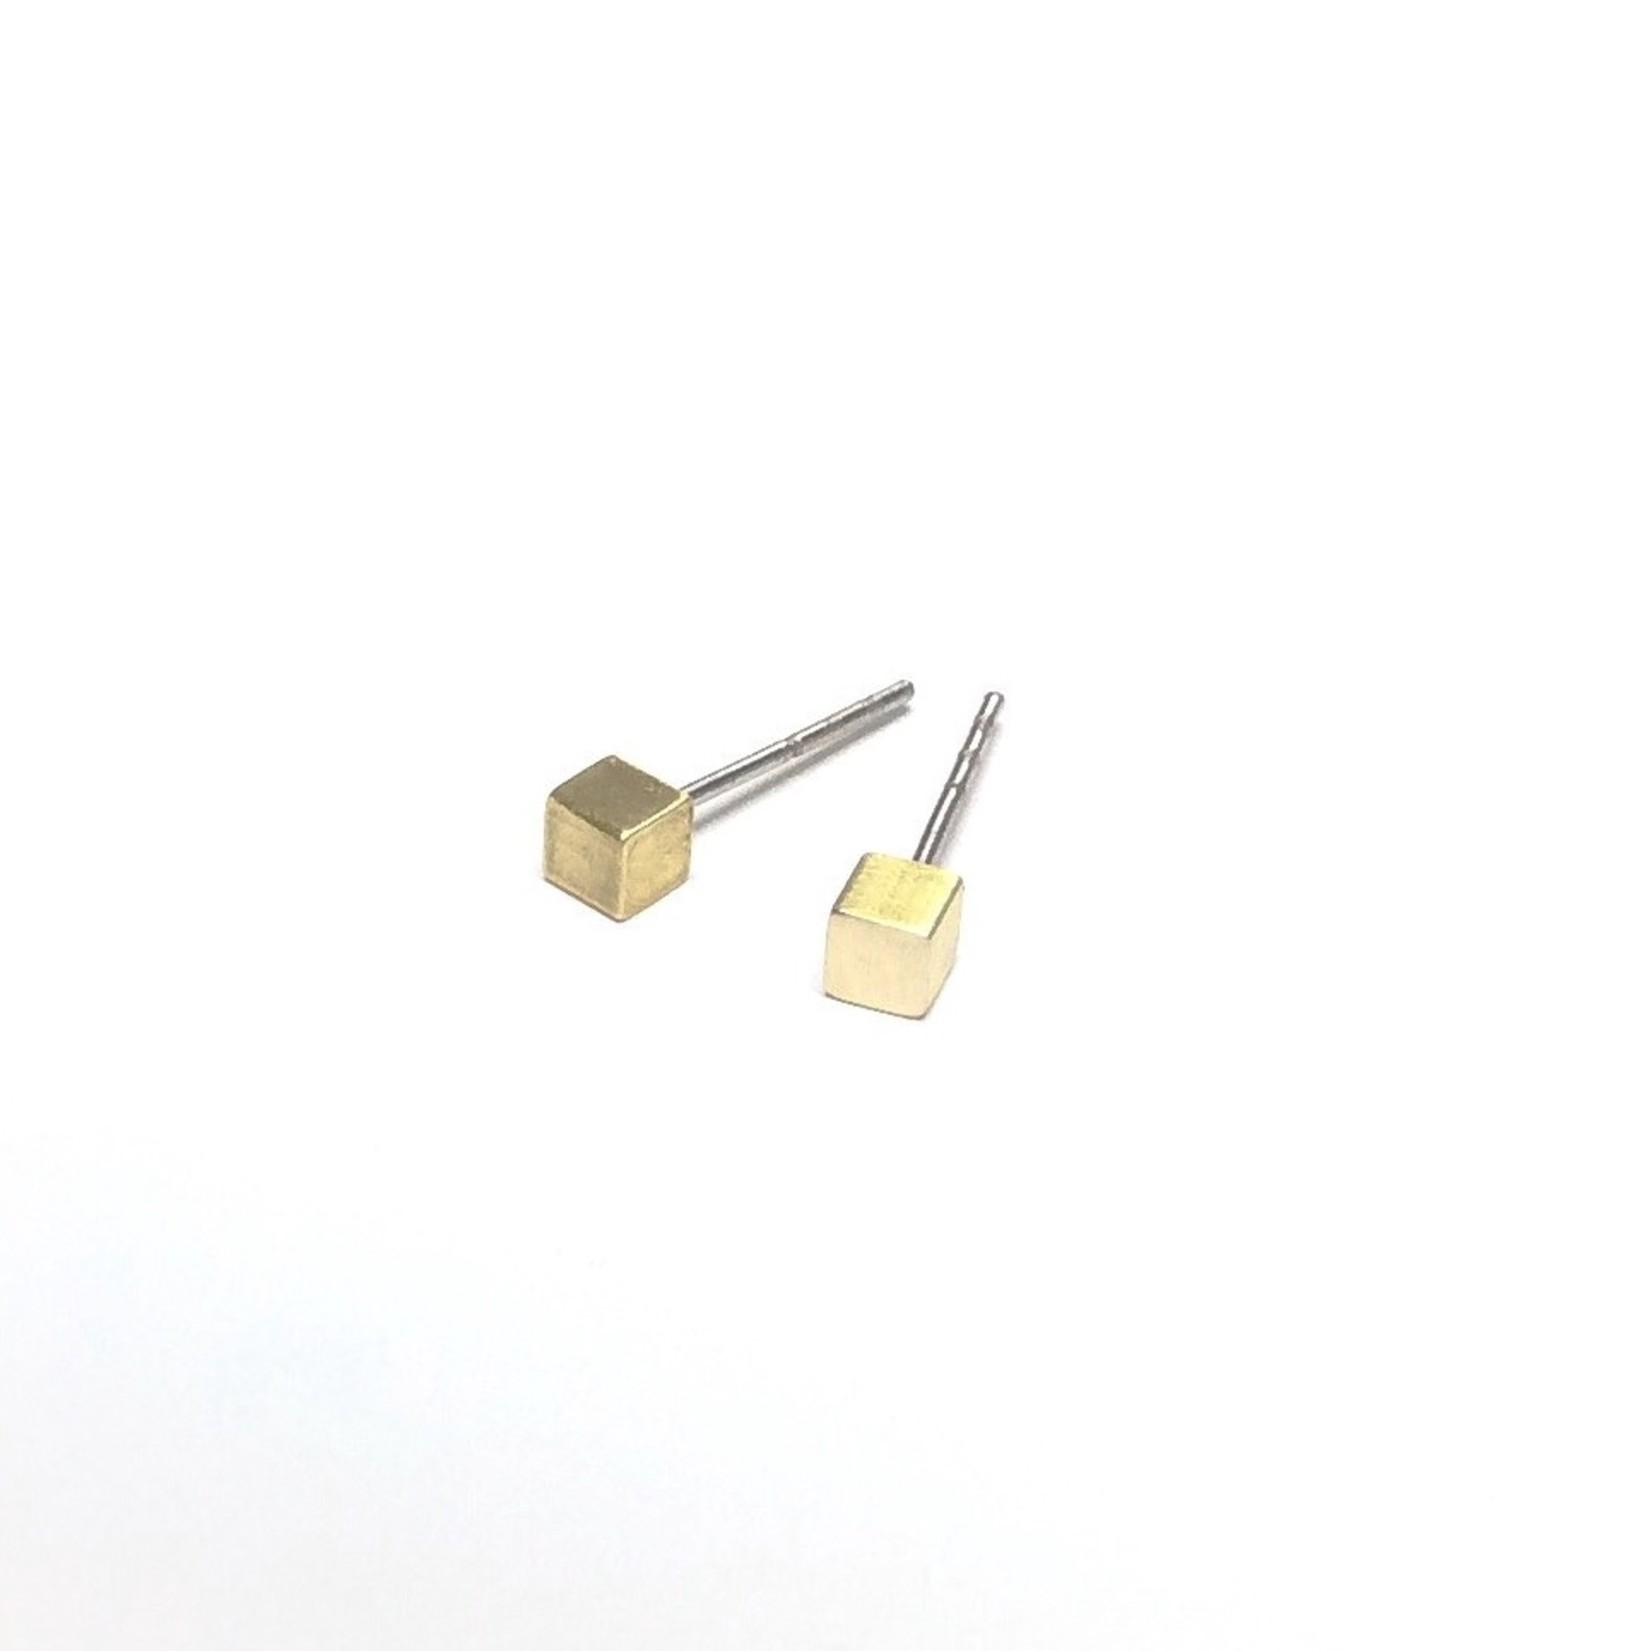 Inimini Homemade Mini studs square